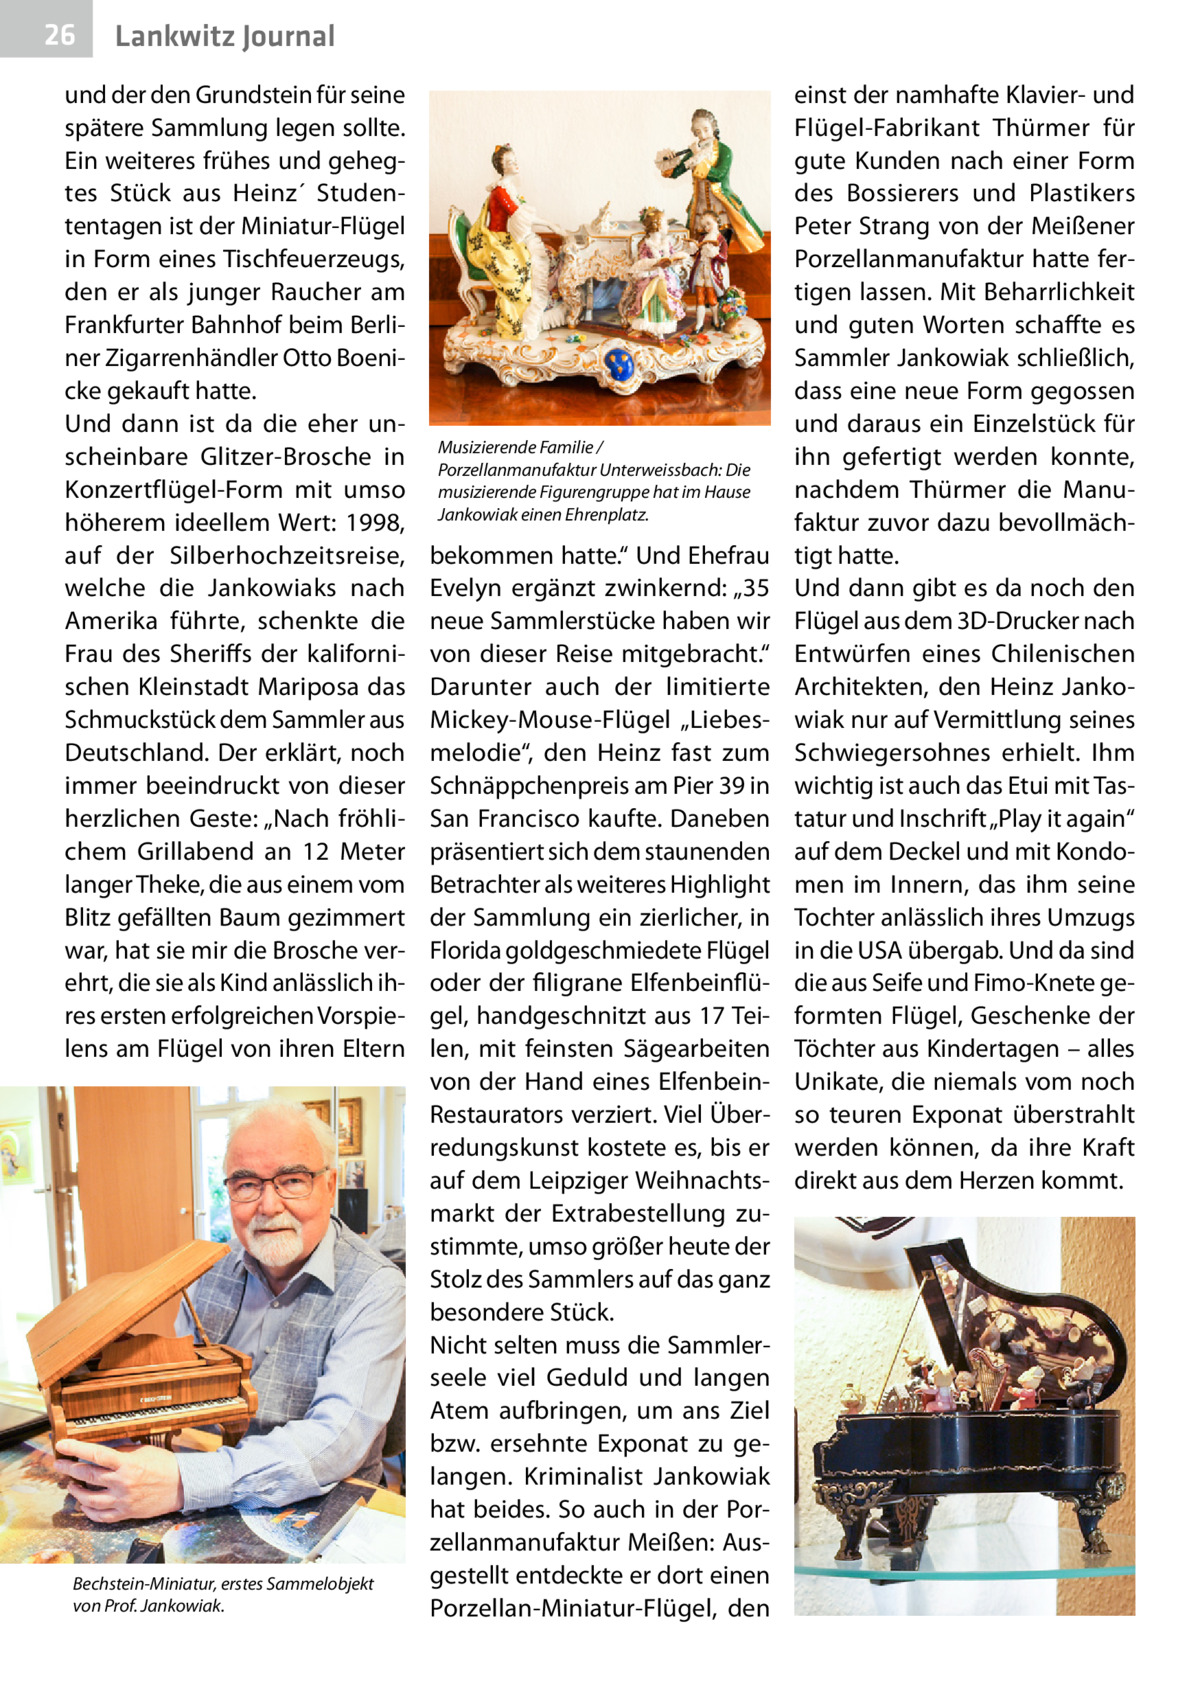 """26  Lankwitz Journal  und der den Grundstein für seine spätere Sammlung legen sollte. Ein weiteres frühes und gehegtes Stück aus Heinz´ Studententagen ist der Miniatur-Flügel in Form eines Tischfeuerzeugs, den er als junger Raucher am Frankfurter Bahnhof beim Berliner Zigarrenhändler Otto Boenicke gekauft hatte. Und dann ist da die eher unscheinbare Glitzer-Brosche in Konzertflügel-Form mit umso höherem ideellem Wert: 1998, auf der Silberhochzeitsreise, welche die Jankowiaks nach Amerika führte, schenkte die Frau des Sheriffs der kalifornischen Kleinstadt Mariposa das Schmuckstück dem Sammler aus Deutschland. Der erklärt, noch immer beeindruckt von dieser herzlichen Geste: """"Nach fröhlichem Grillabend an 12 Meter langer Theke, die aus einem vom Blitz gefällten Baum gezimmert war, hat sie mir die Brosche verehrt, die sie als Kind anlässlich ihres ersten erfolgreichen Vorspielens am Flügel von ihren Eltern  Bechstein-Miniatur, erstes Sammelobjekt von Prof.Jankowiak.  Musizierende Familie / Porzellanmanufaktur Unterweissbach: Die musizierende Figurengruppe hat im Hause Jankowiak einen Ehrenplatz.  bekommen hatte."""" Und Ehefrau Evelyn ergänzt zwinkernd: """"35 neue Sammlerstücke haben wir von dieser Reise mitgebracht."""" Darunter auch der limitierte Mickey-Mouse-Flügel """"Liebesmelodie"""", den Heinz fast zum Schnäppchenpreis am Pier 39 in San Francisco kaufte. Daneben präsentiert sich dem staunenden Betrachter als weiteres Highlight der Sammlung ein zierlicher, in Florida goldgeschmiedete Flügel oder der filigrane Elfenbeinflügel, handgeschnitzt aus 17 Teilen, mit feinsten Sägearbeiten von der Hand eines ElfenbeinRestaurators verziert. Viel Überredungskunst kostete es, bis er auf dem Leipziger Weihnachtsmarkt der Extrabestellung zustimmte, umso größer heute der Stolz des Sammlers auf das ganz besondere Stück. Nicht selten muss die Sammlerseele viel Geduld und langen Atem aufbringen, um ans Ziel bzw. ersehnte Exponat zu gelangen. Kriminalist Jankowiak hat beides. So auch in der Por"""